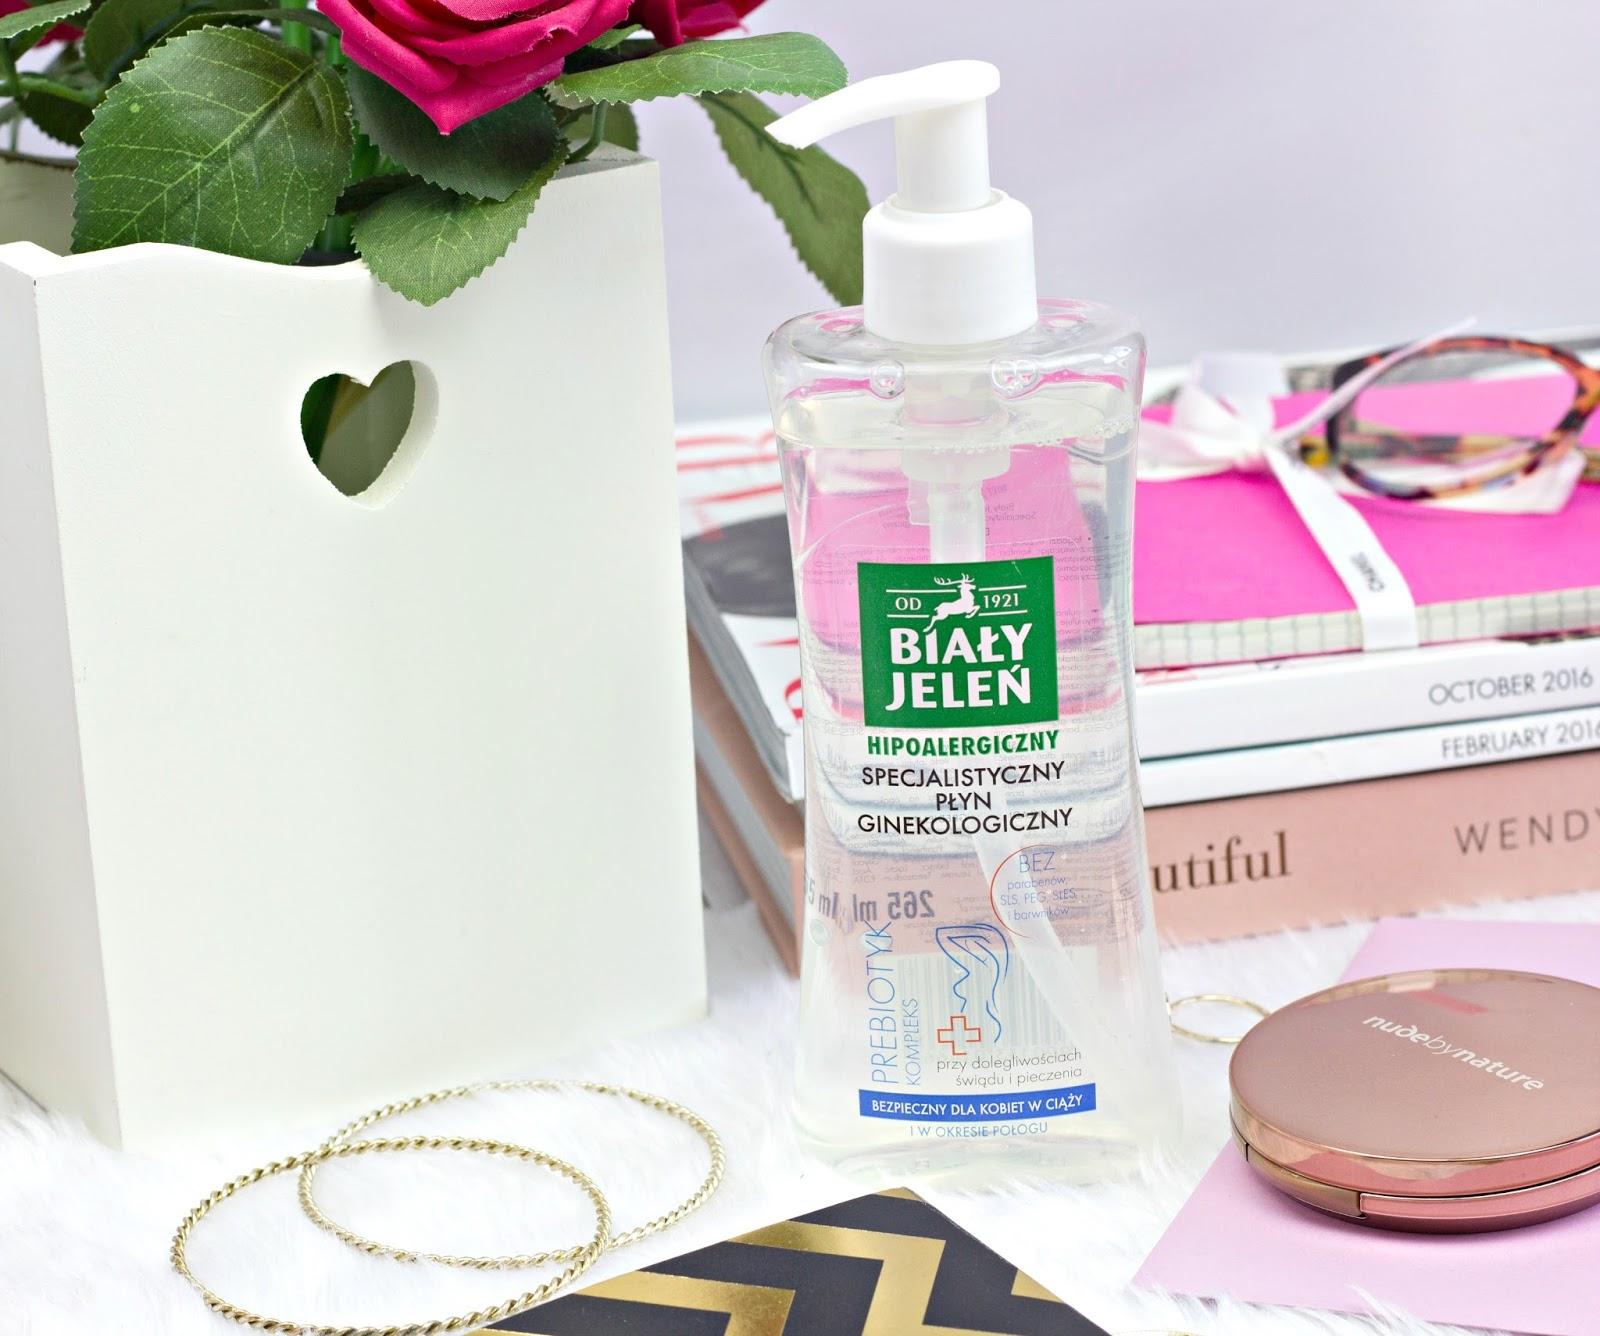 009d6b8d611e7b O płynach do higieny intymnej nie przeczytacie na moim blogu, bo zwyczajnie  nie mam czasu by poświęcać im osobny wpis. Jednak są to produkty bardzo  ważne i ...